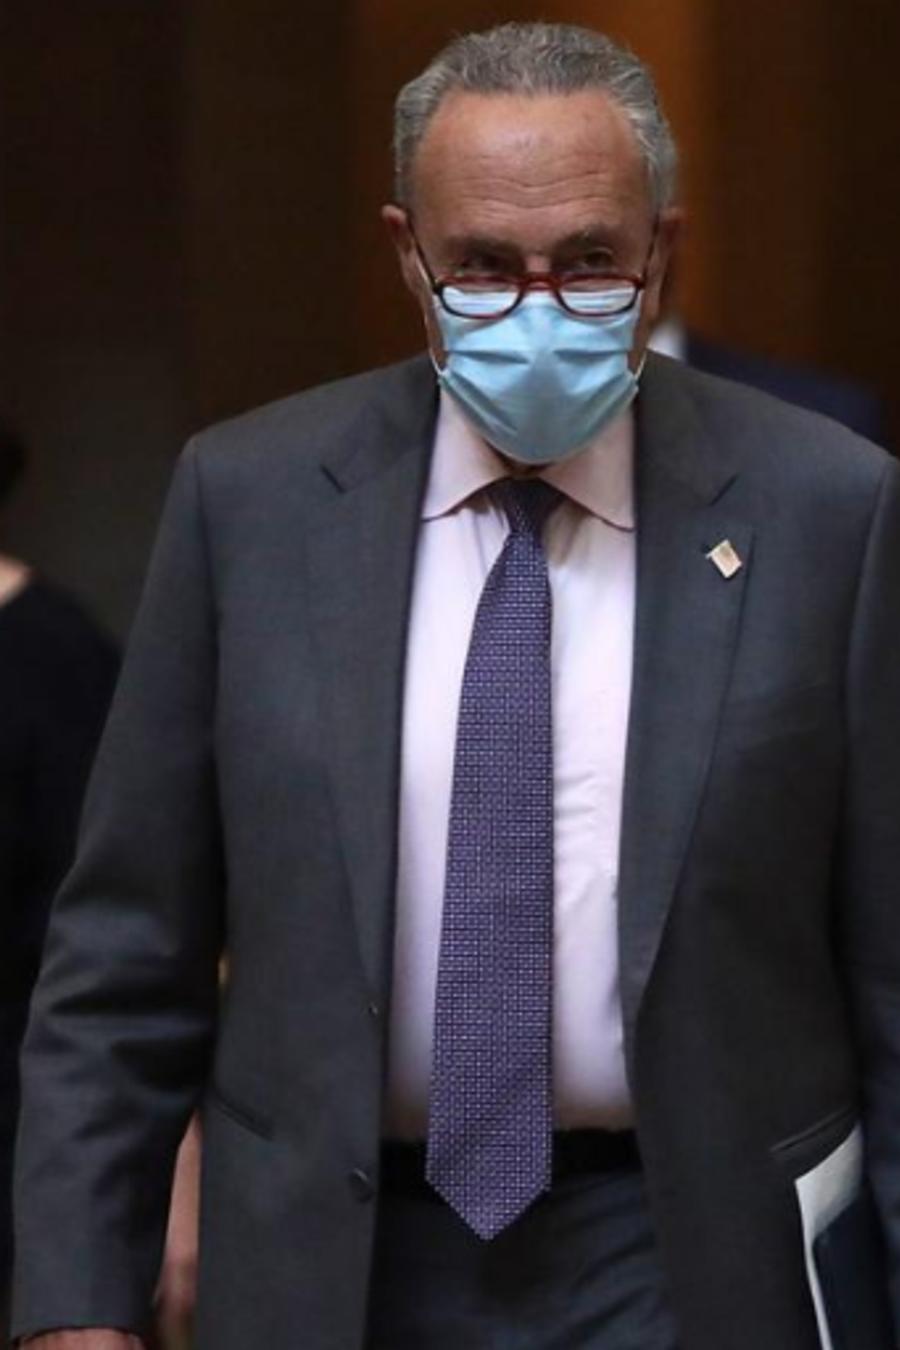 El líder de la minoría del Senado de EE.UU., Chuck Schumer llega a una reunión en la oficina de la presidenta de la Cámara de Representantes Nancy Pelosi en el Capitolio. El 5 de agosto de 2020 en Washington, D.C.